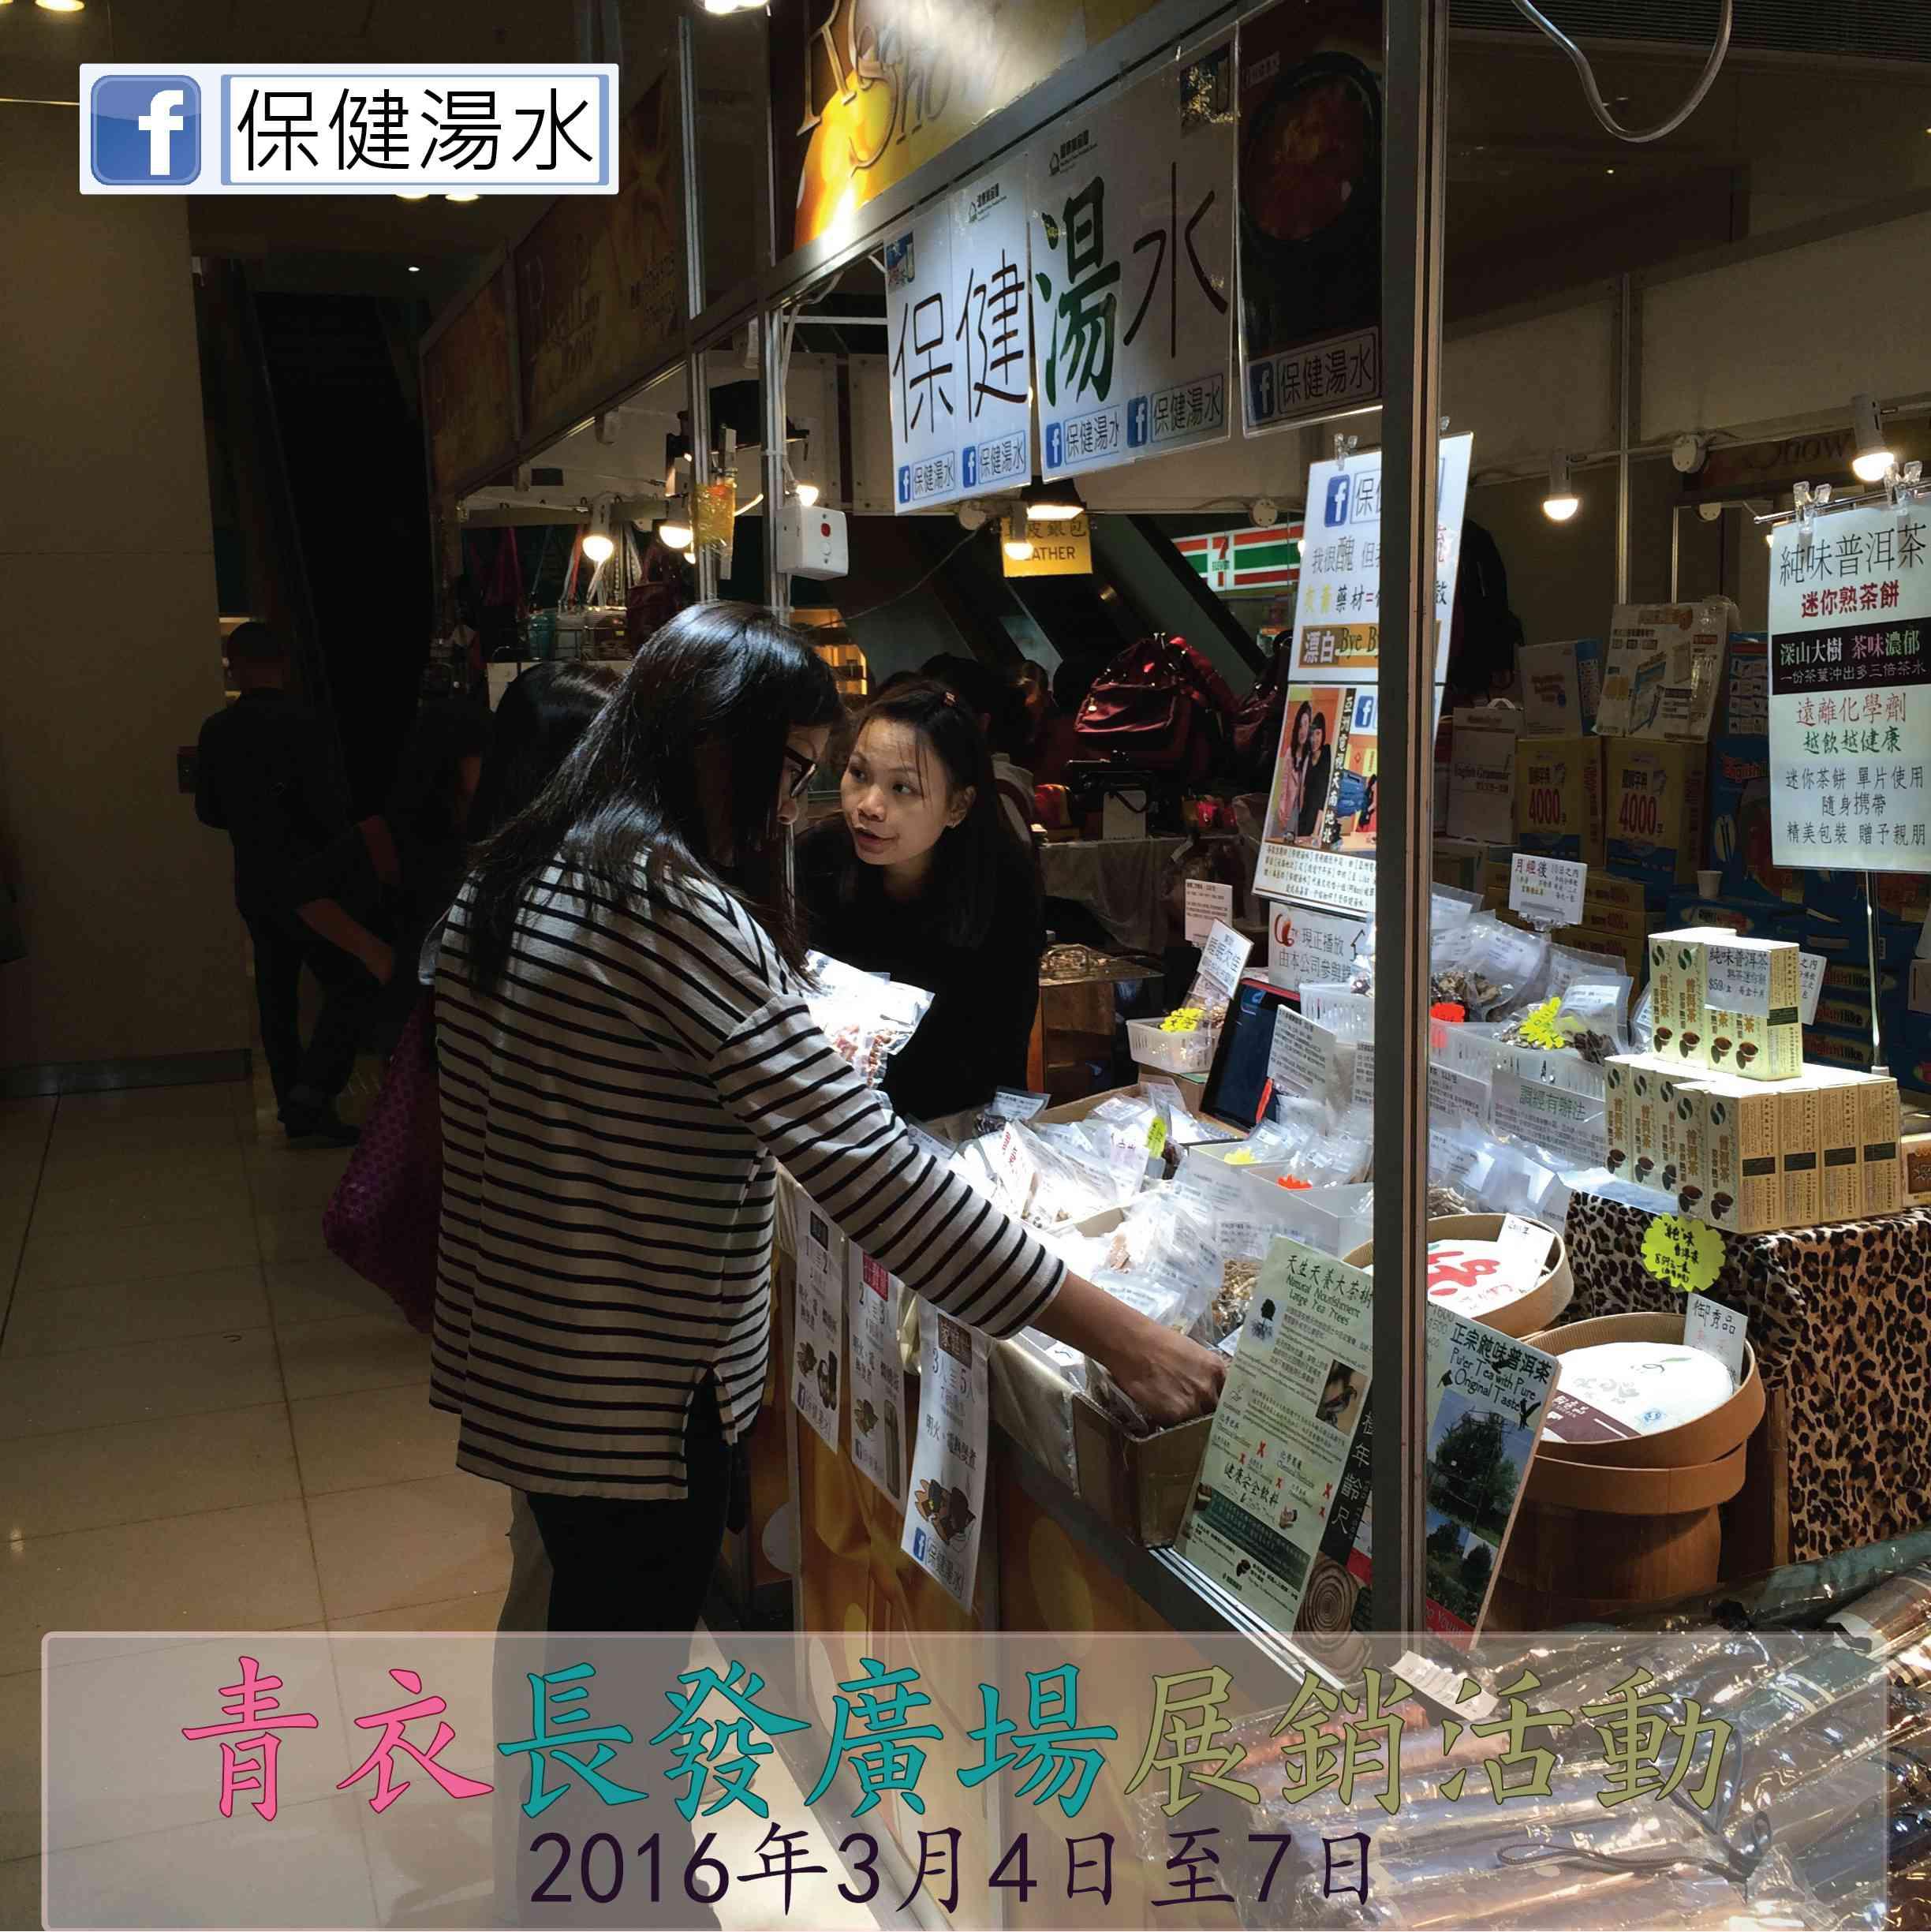 青衣長發廣場展銷活動回顧 -- 2016年3月4日至7日   健康純品屋